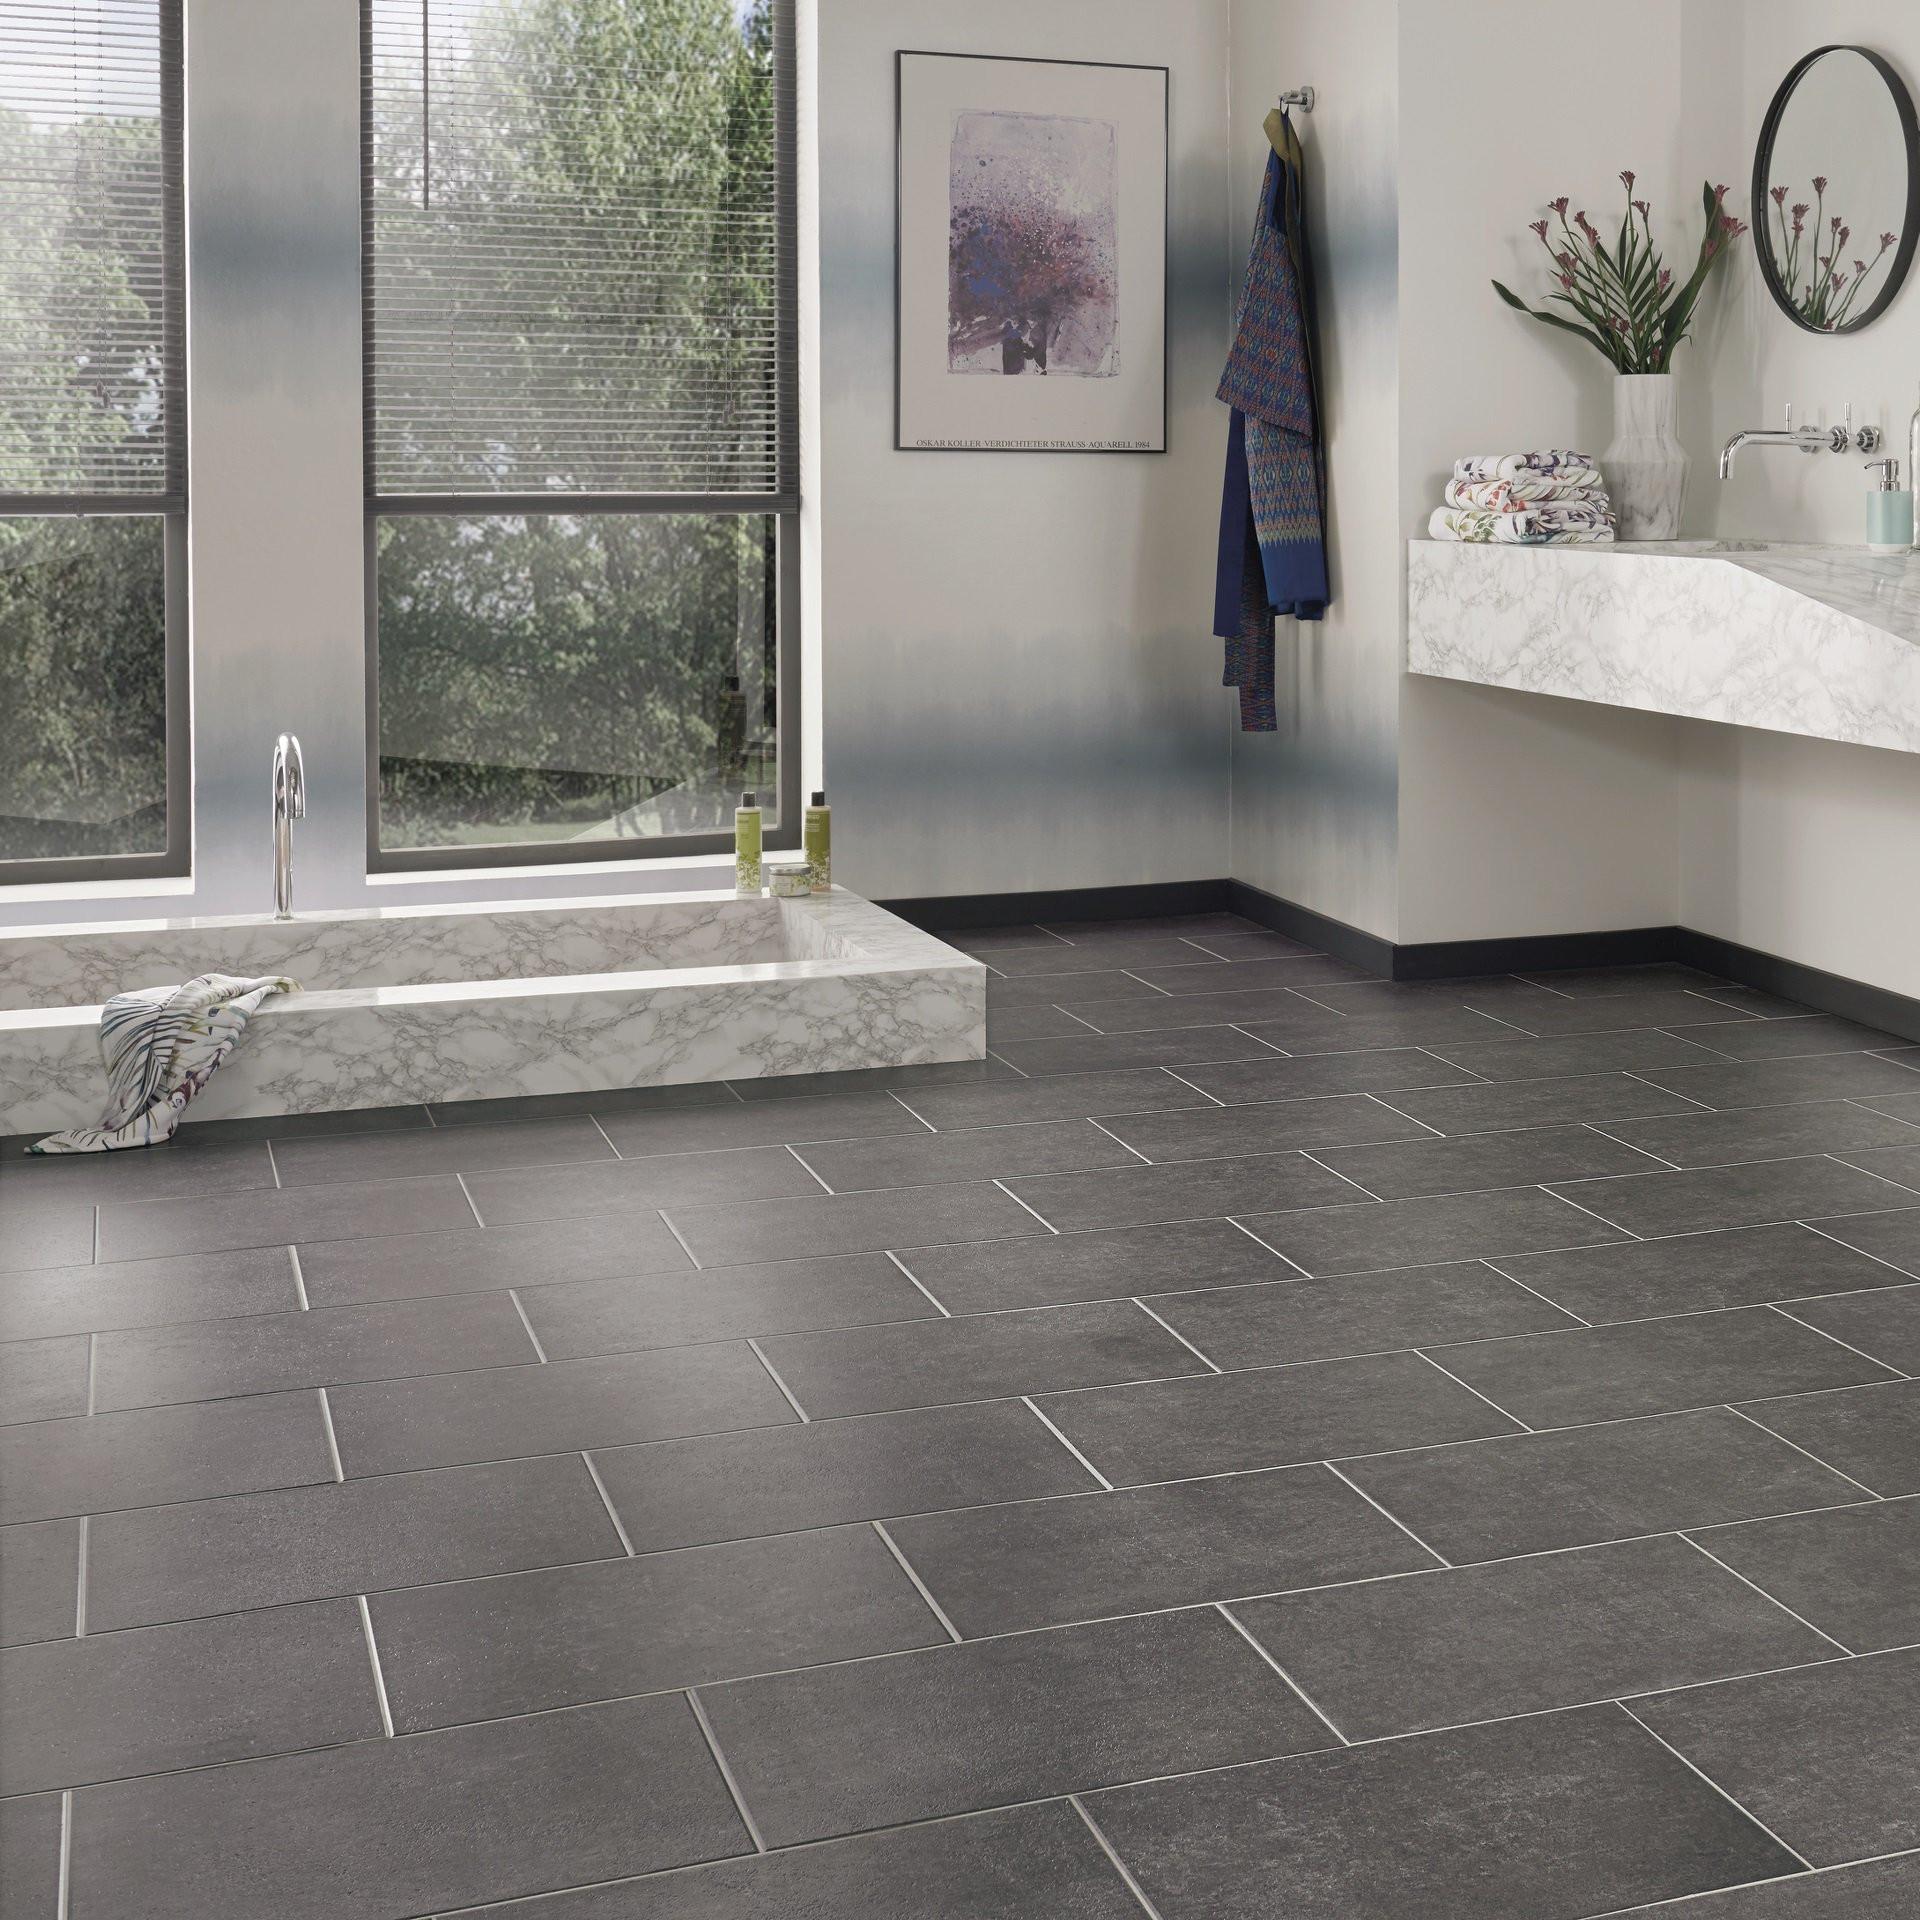 Bathroom Tile Floors  Bathroom Flooring Ideas